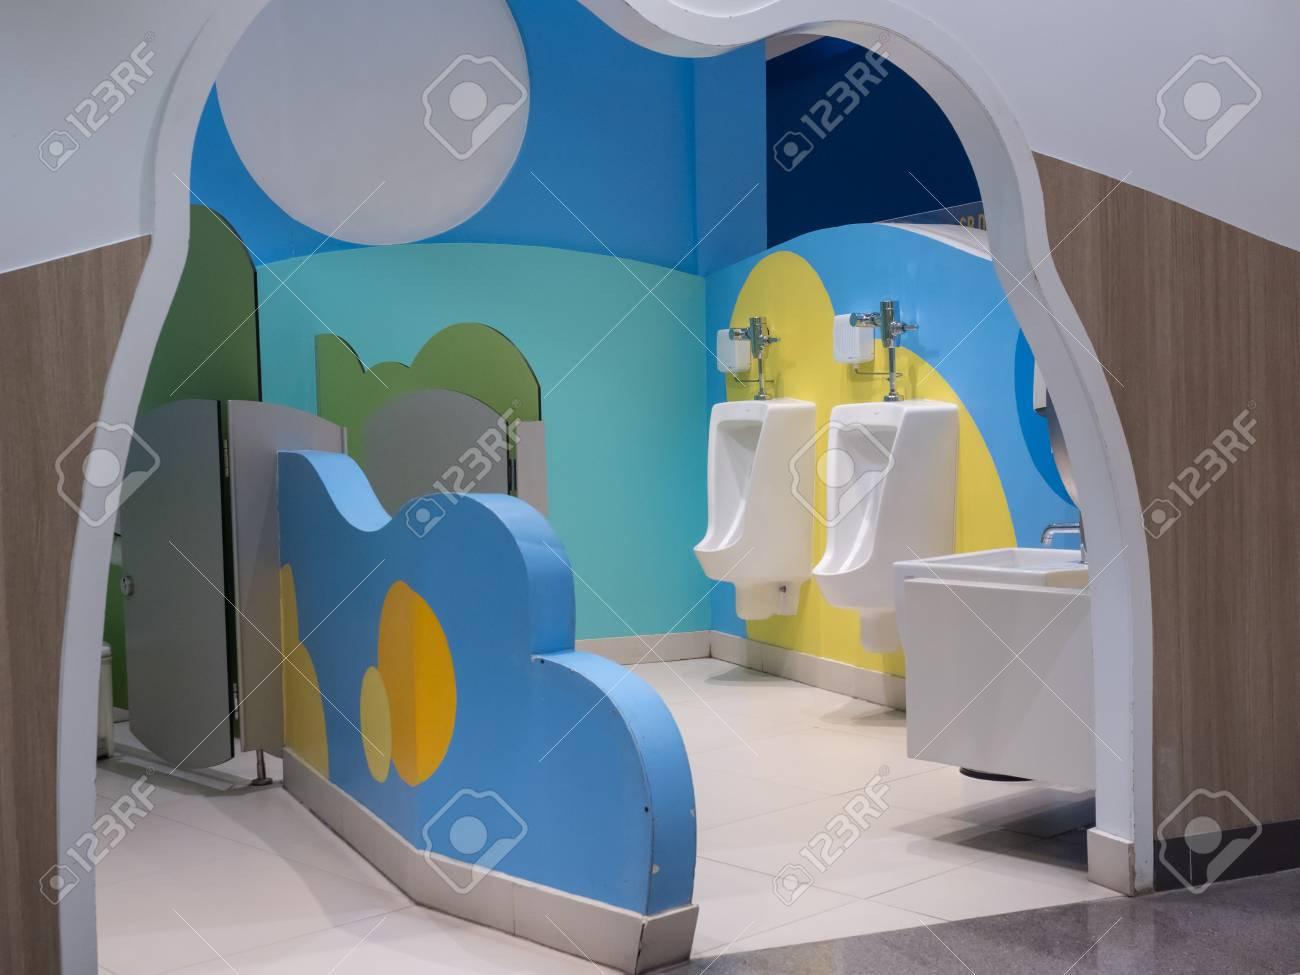 Decoración De Baño Para Niños Con Sytle Colorido Y Lindo En La ...